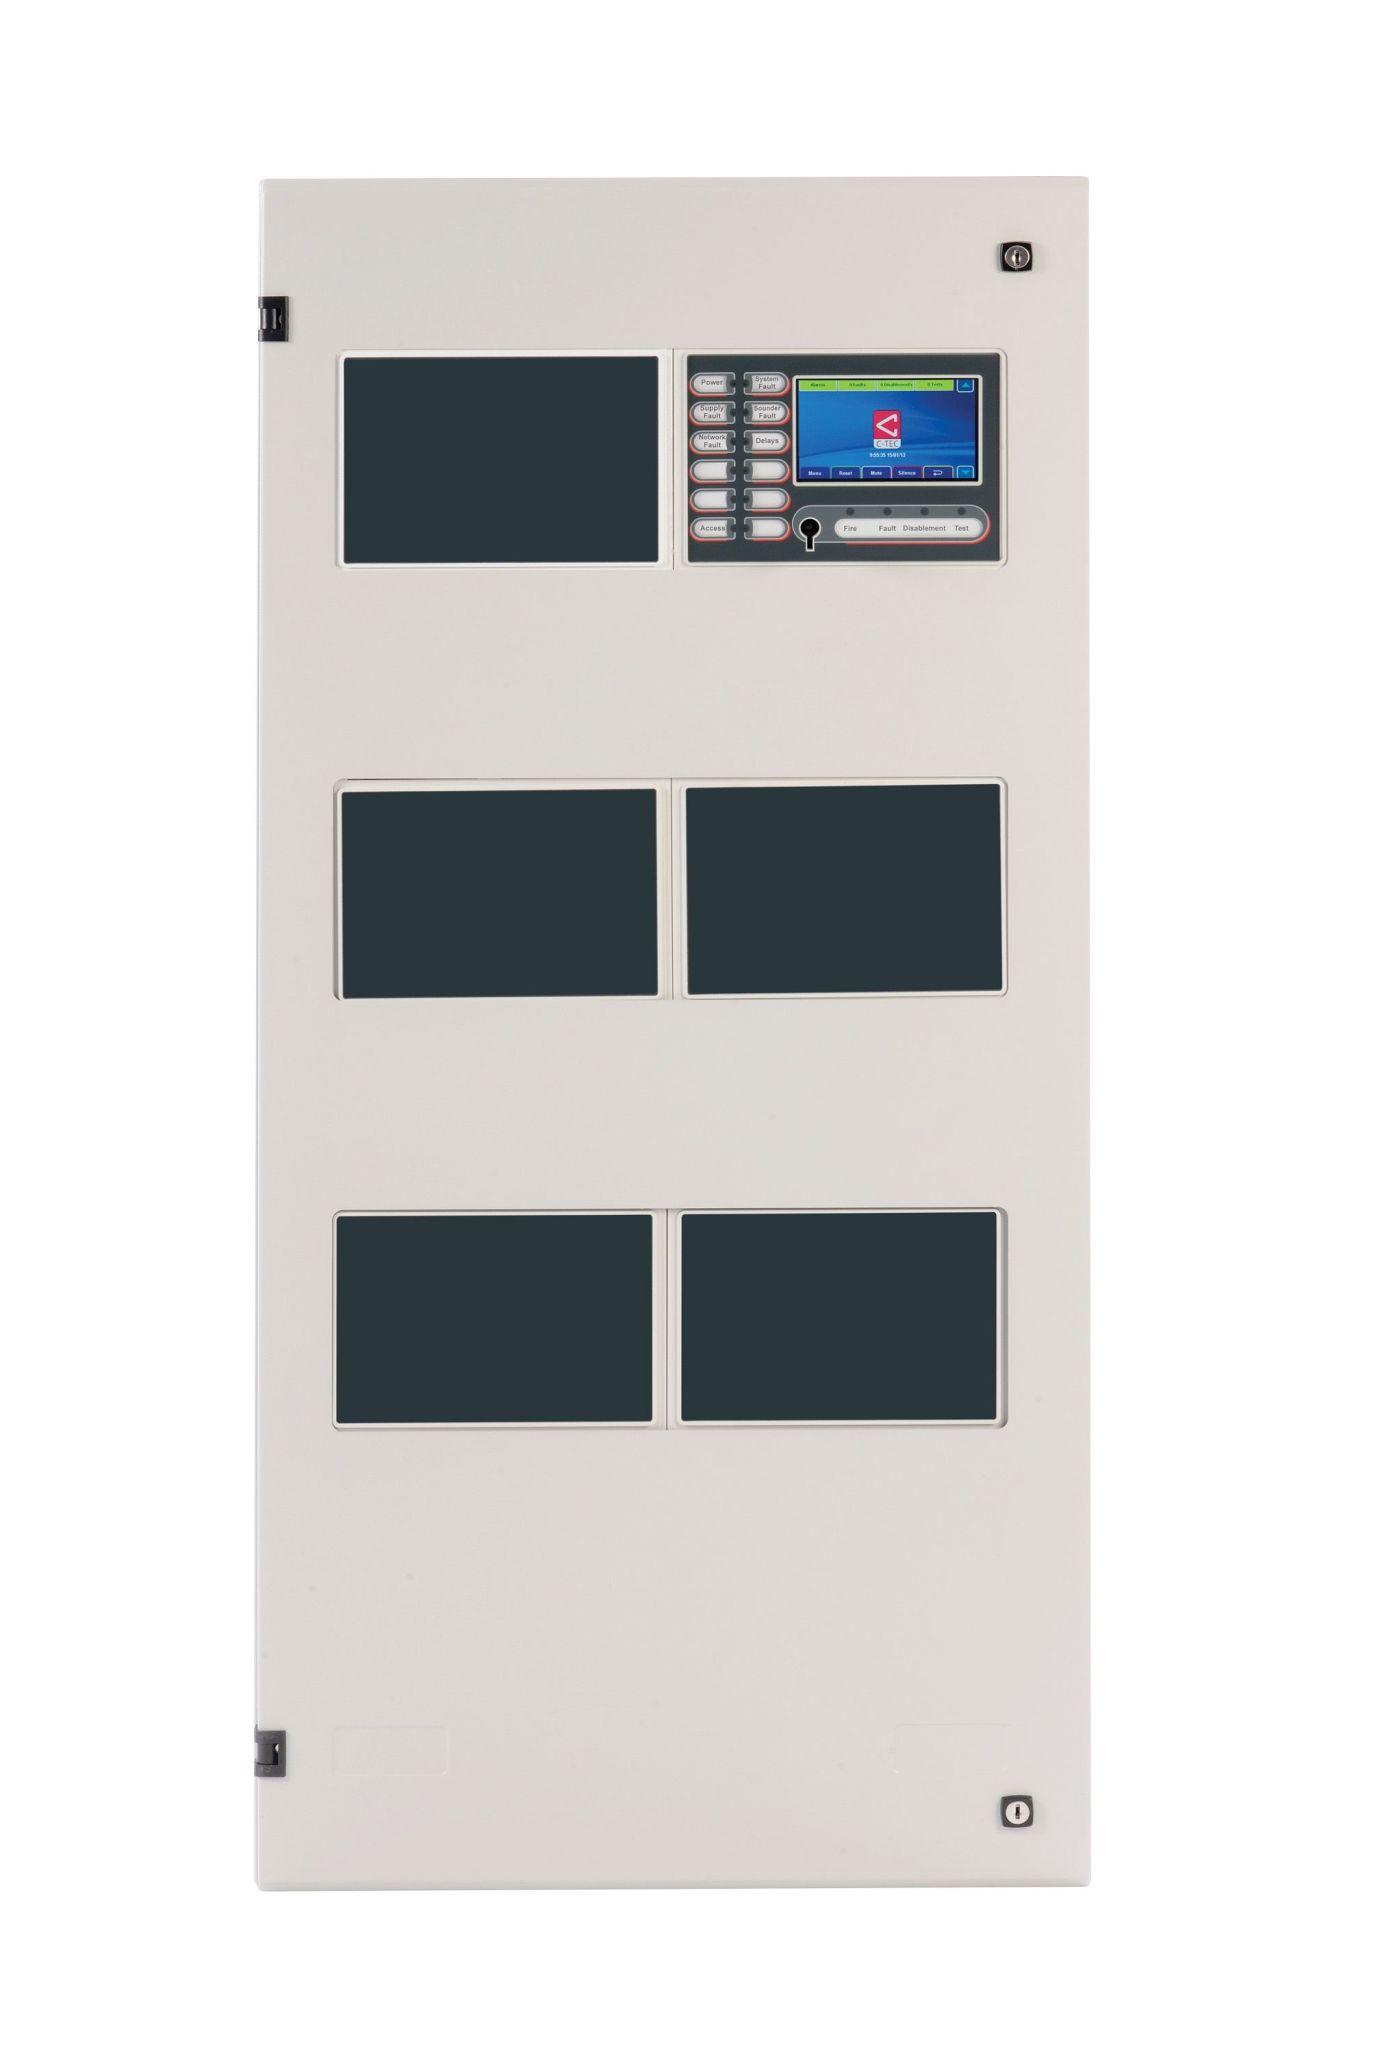 کنترل پنل اعلام حریق آدرس پذیر C-TEC